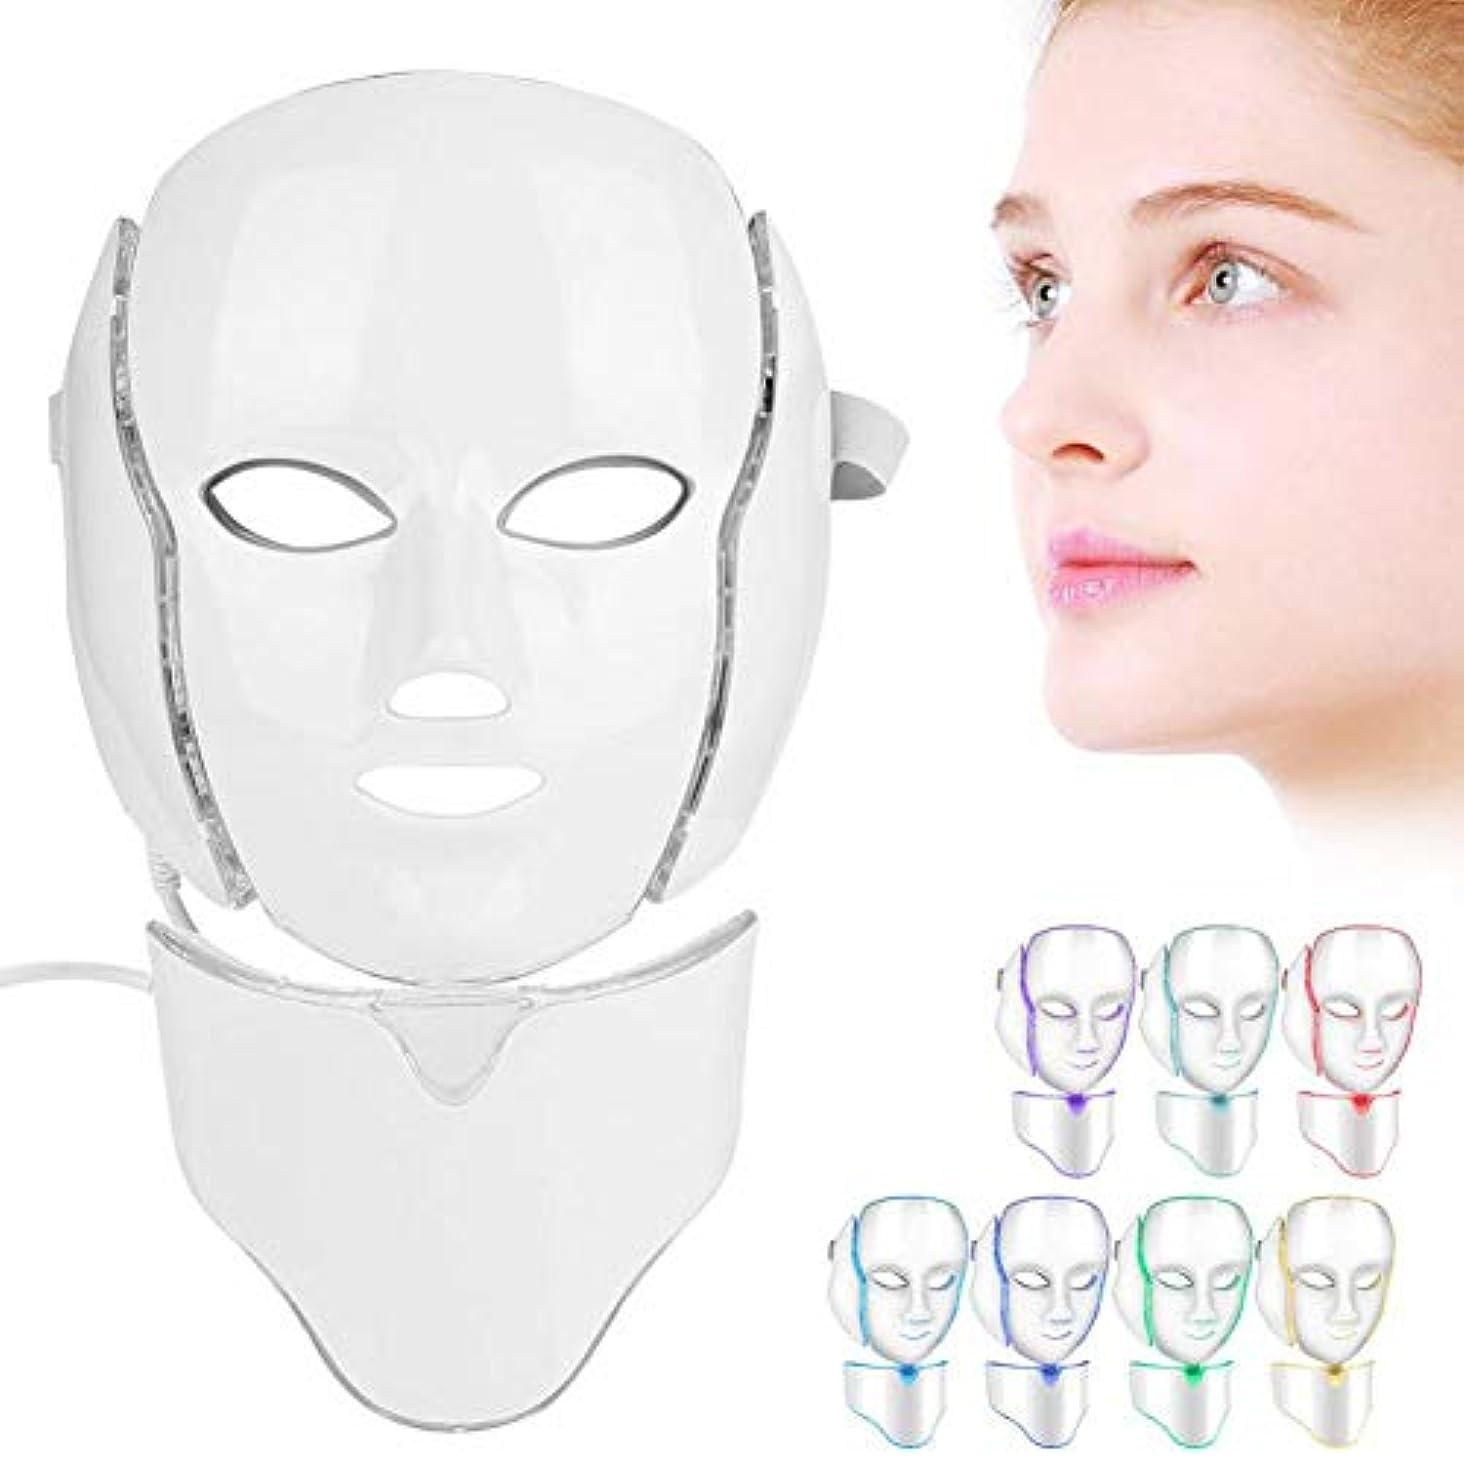 慣習二次発疹首、軽い皮の若返り療法の顔のスキンケアのマスクが付いているLED 7色の軽い療法のマスク